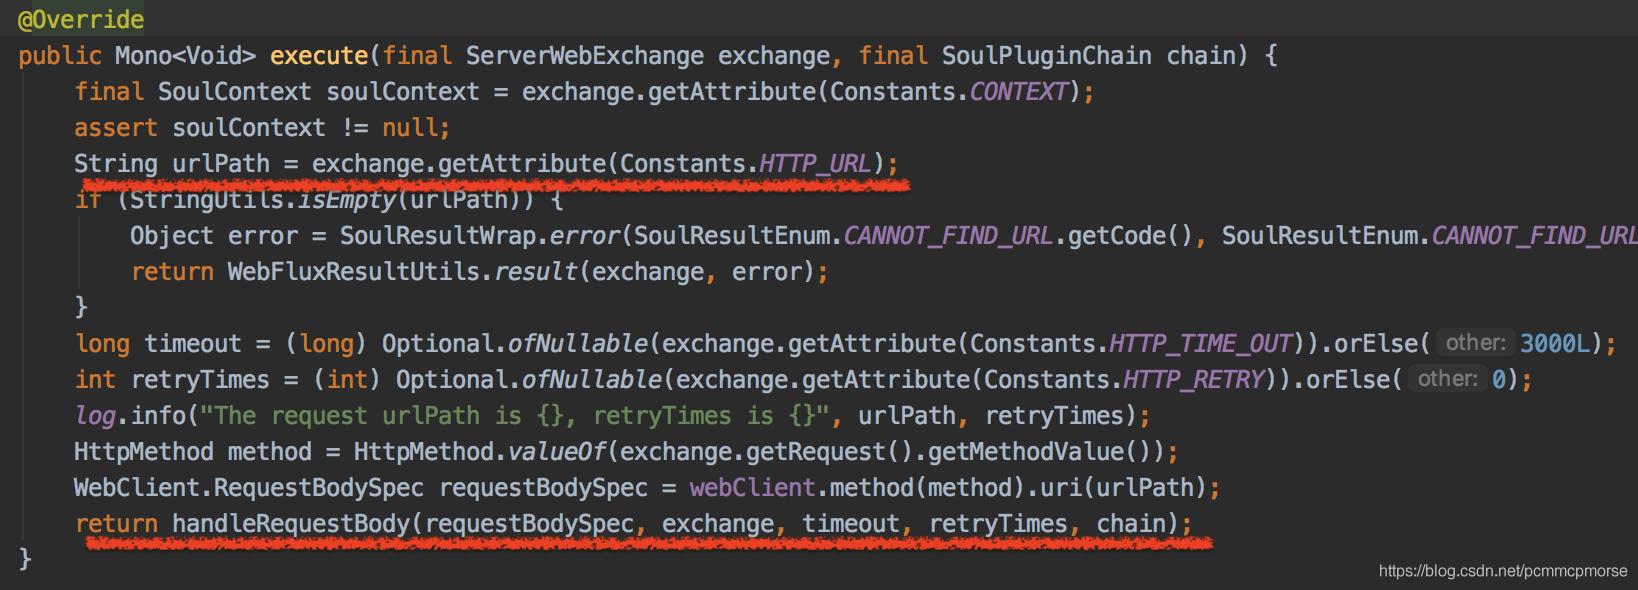 WebClientPlugin的execute方法